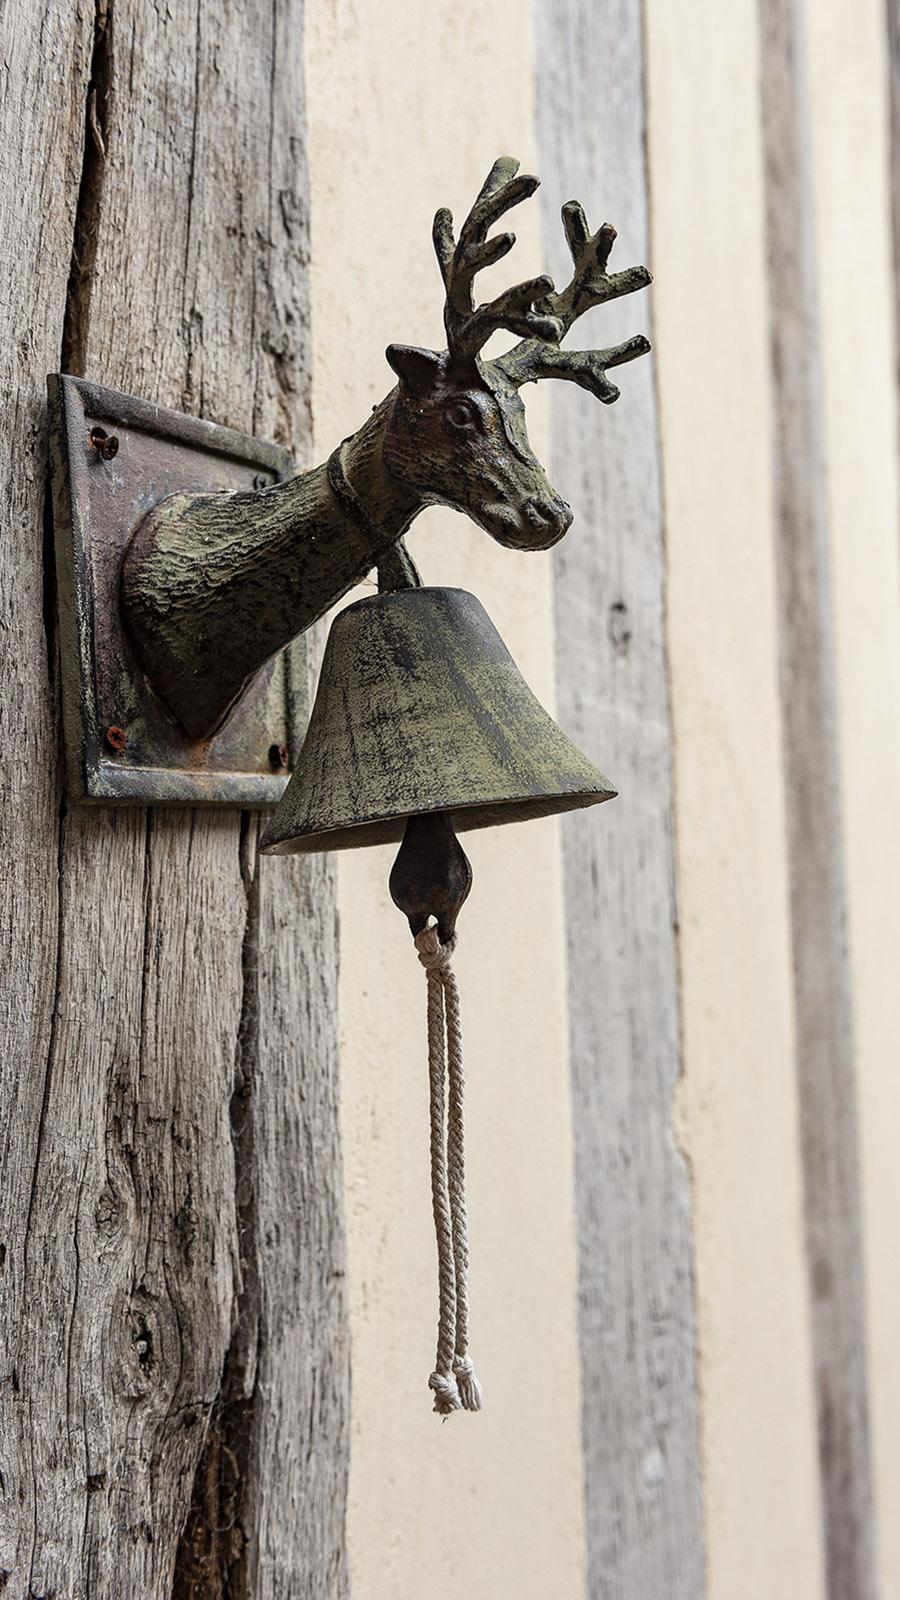 Lyons-la-Forêt: Türklingel von Le Grand Cerf. Foto; Hilke Maunder